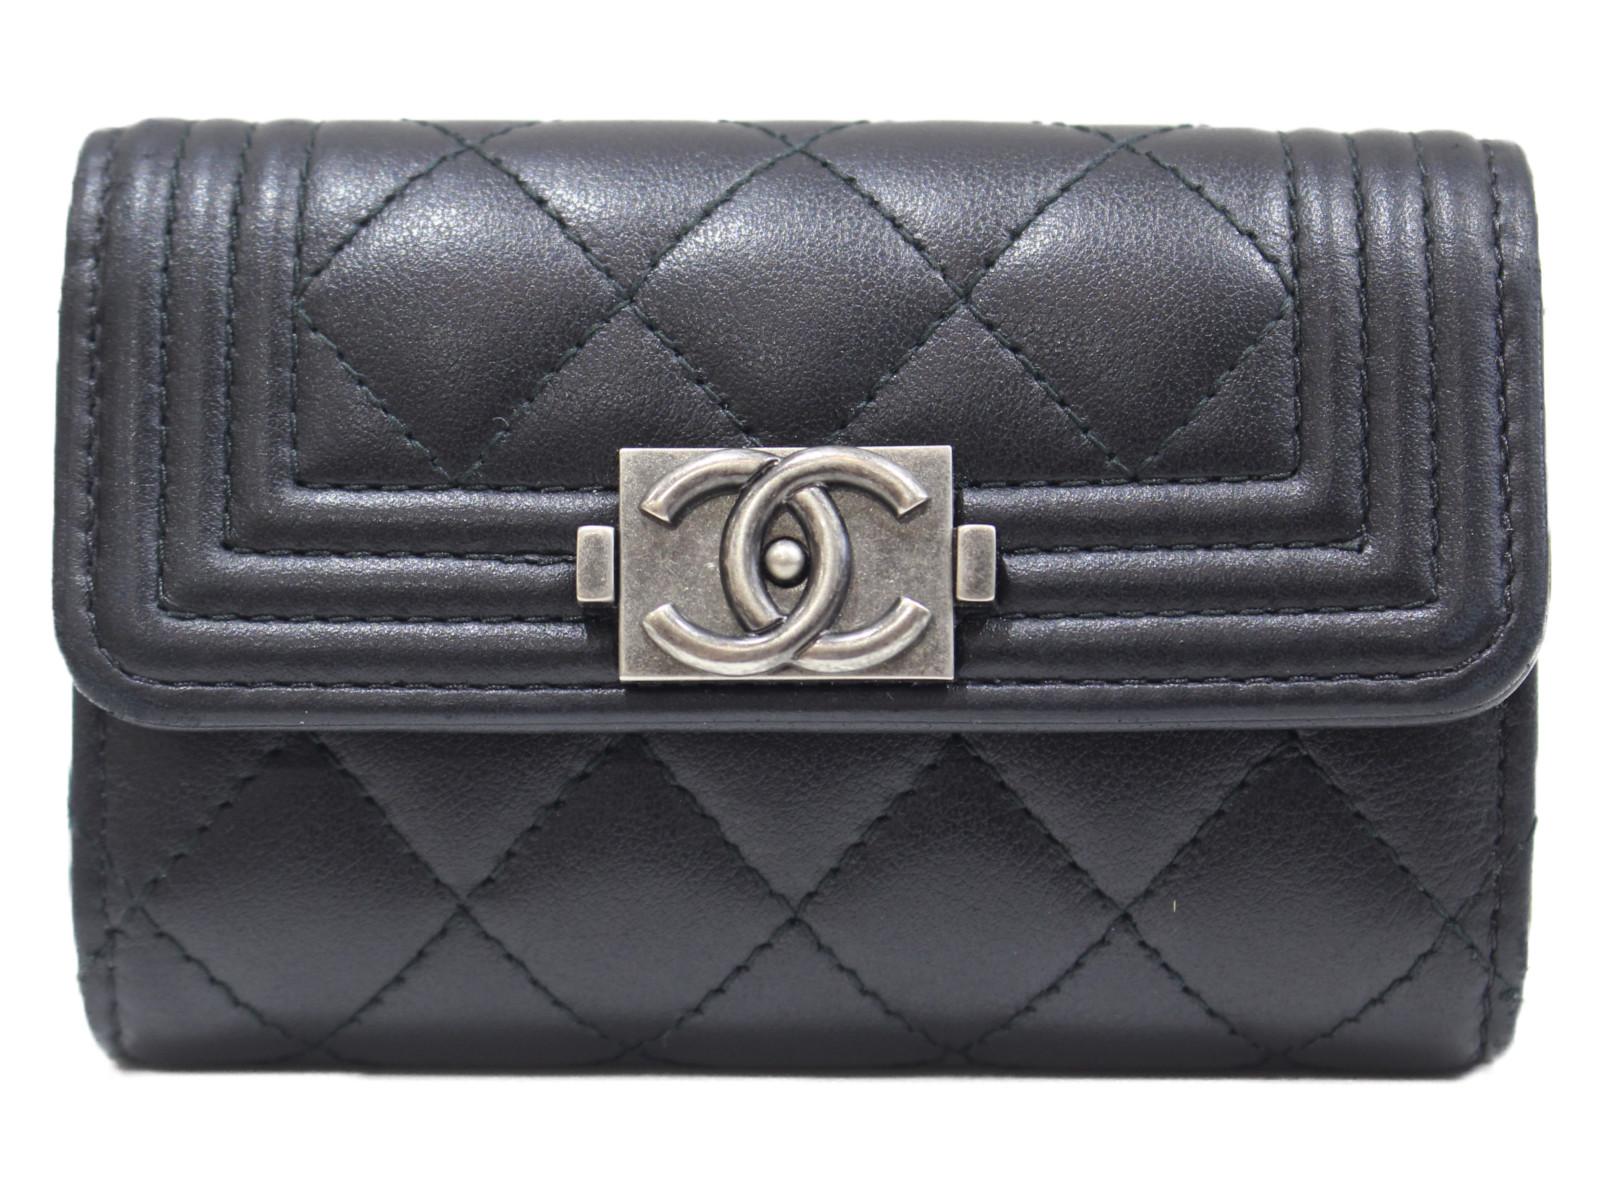 箱 布袋 ギャラあり 特売 CHANEL 4連キーケース 出色 A81241 ボーイシャネル プレゼント包装可 カーフスキン レディース ブラック シンプル キーケース 中古